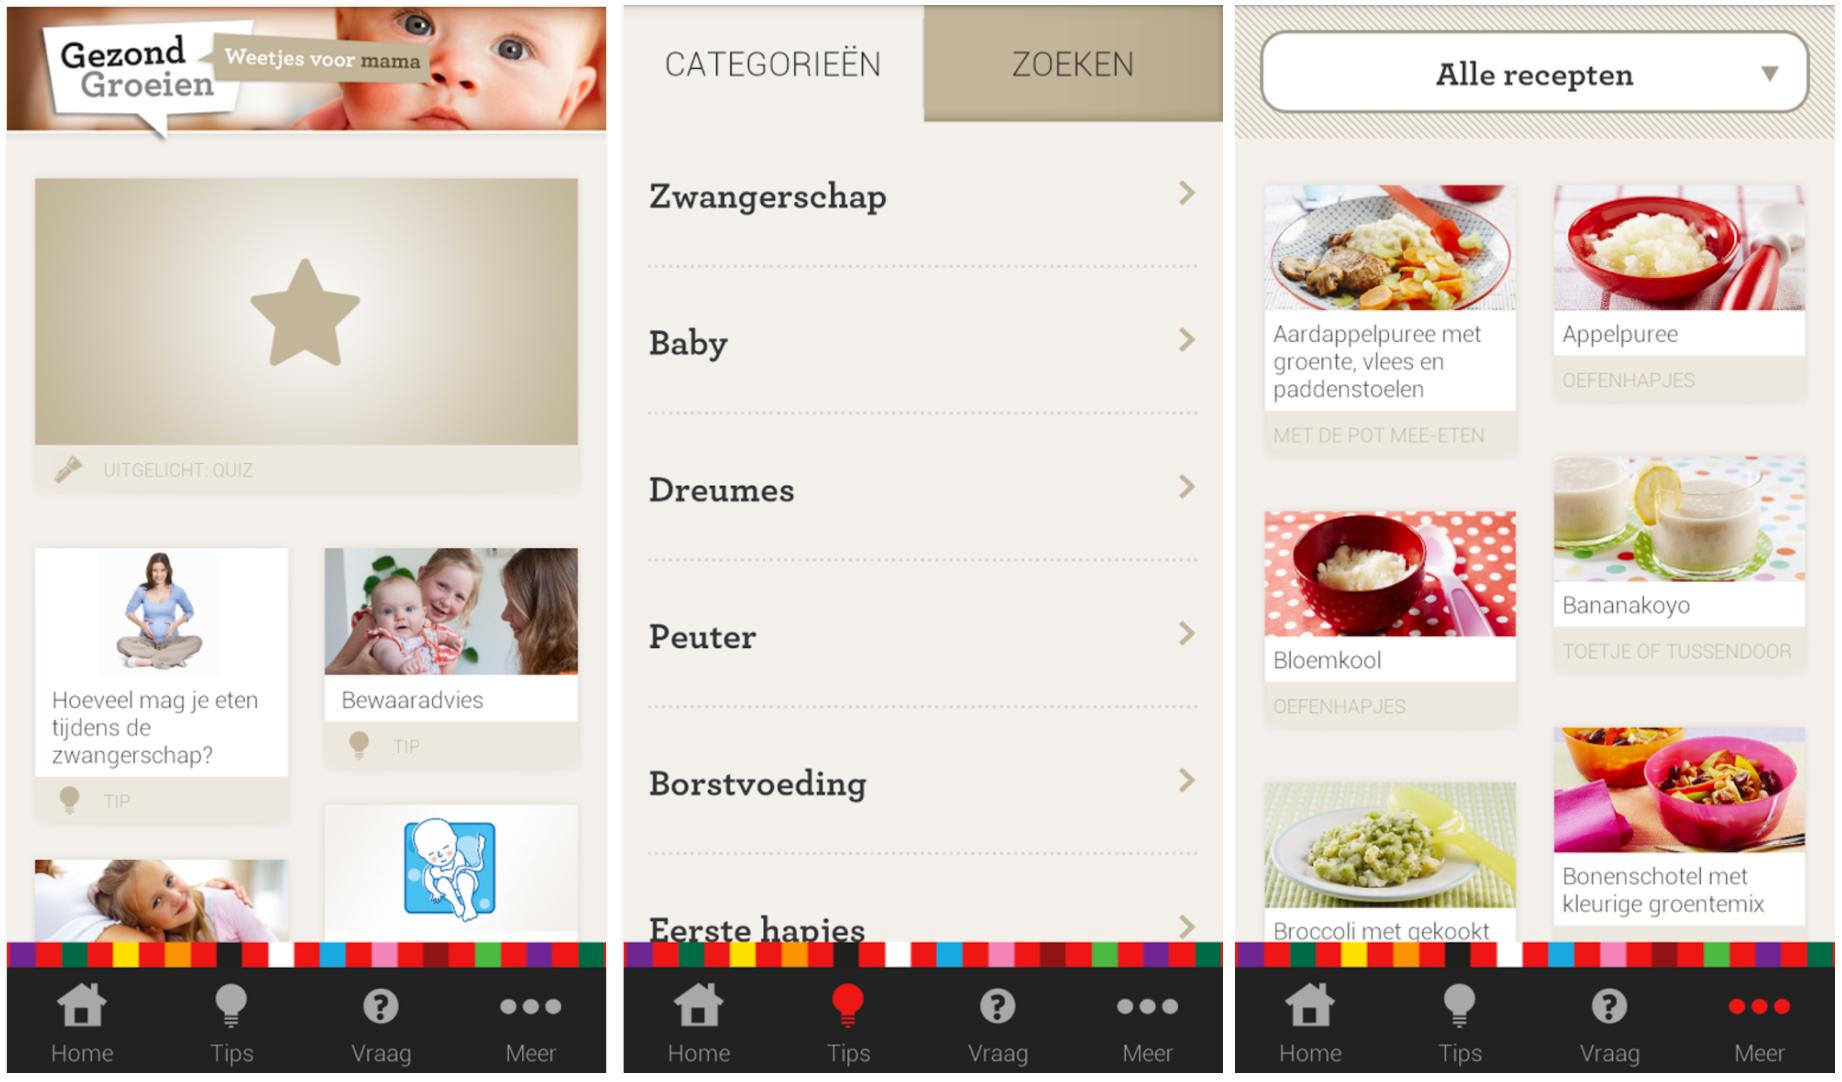 Zwangerschaps app Gezond Groeien